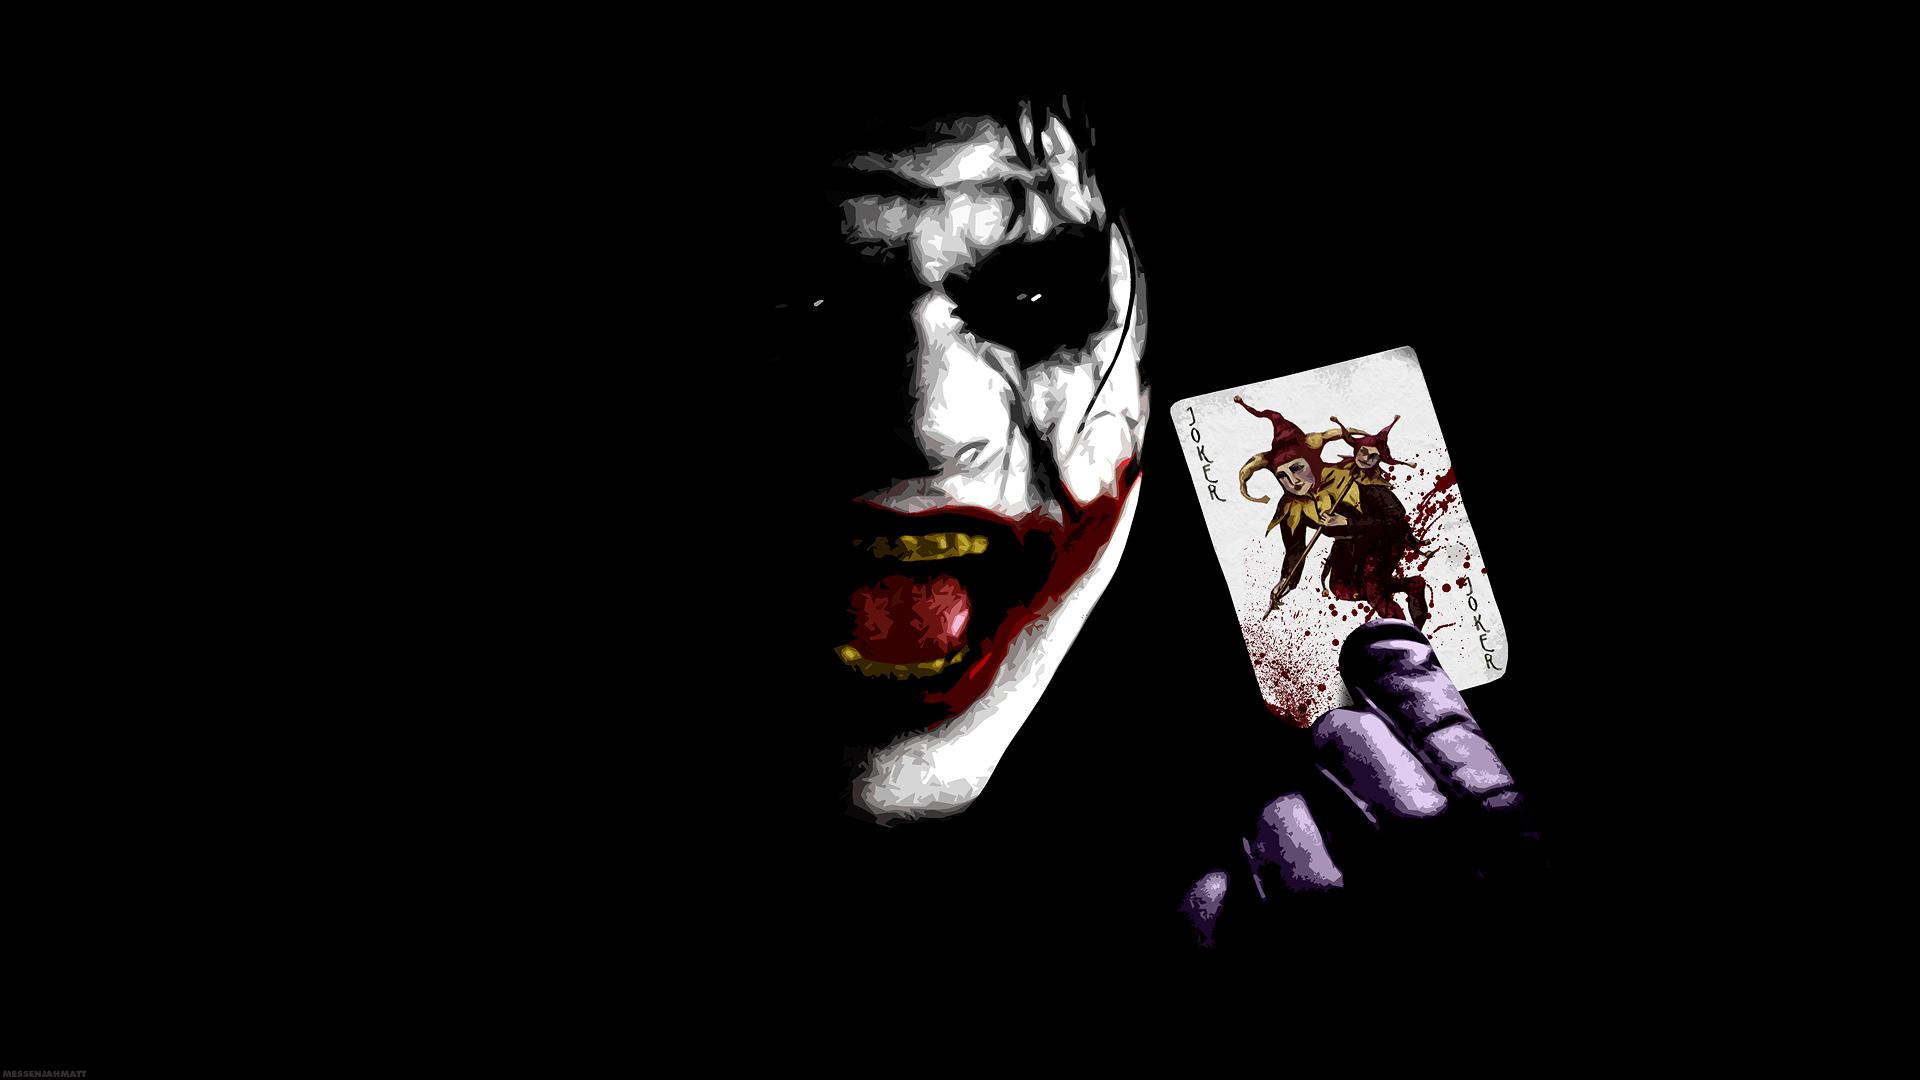 The Dark Knight Joker Wallpaper   wallpaper 1920x1080